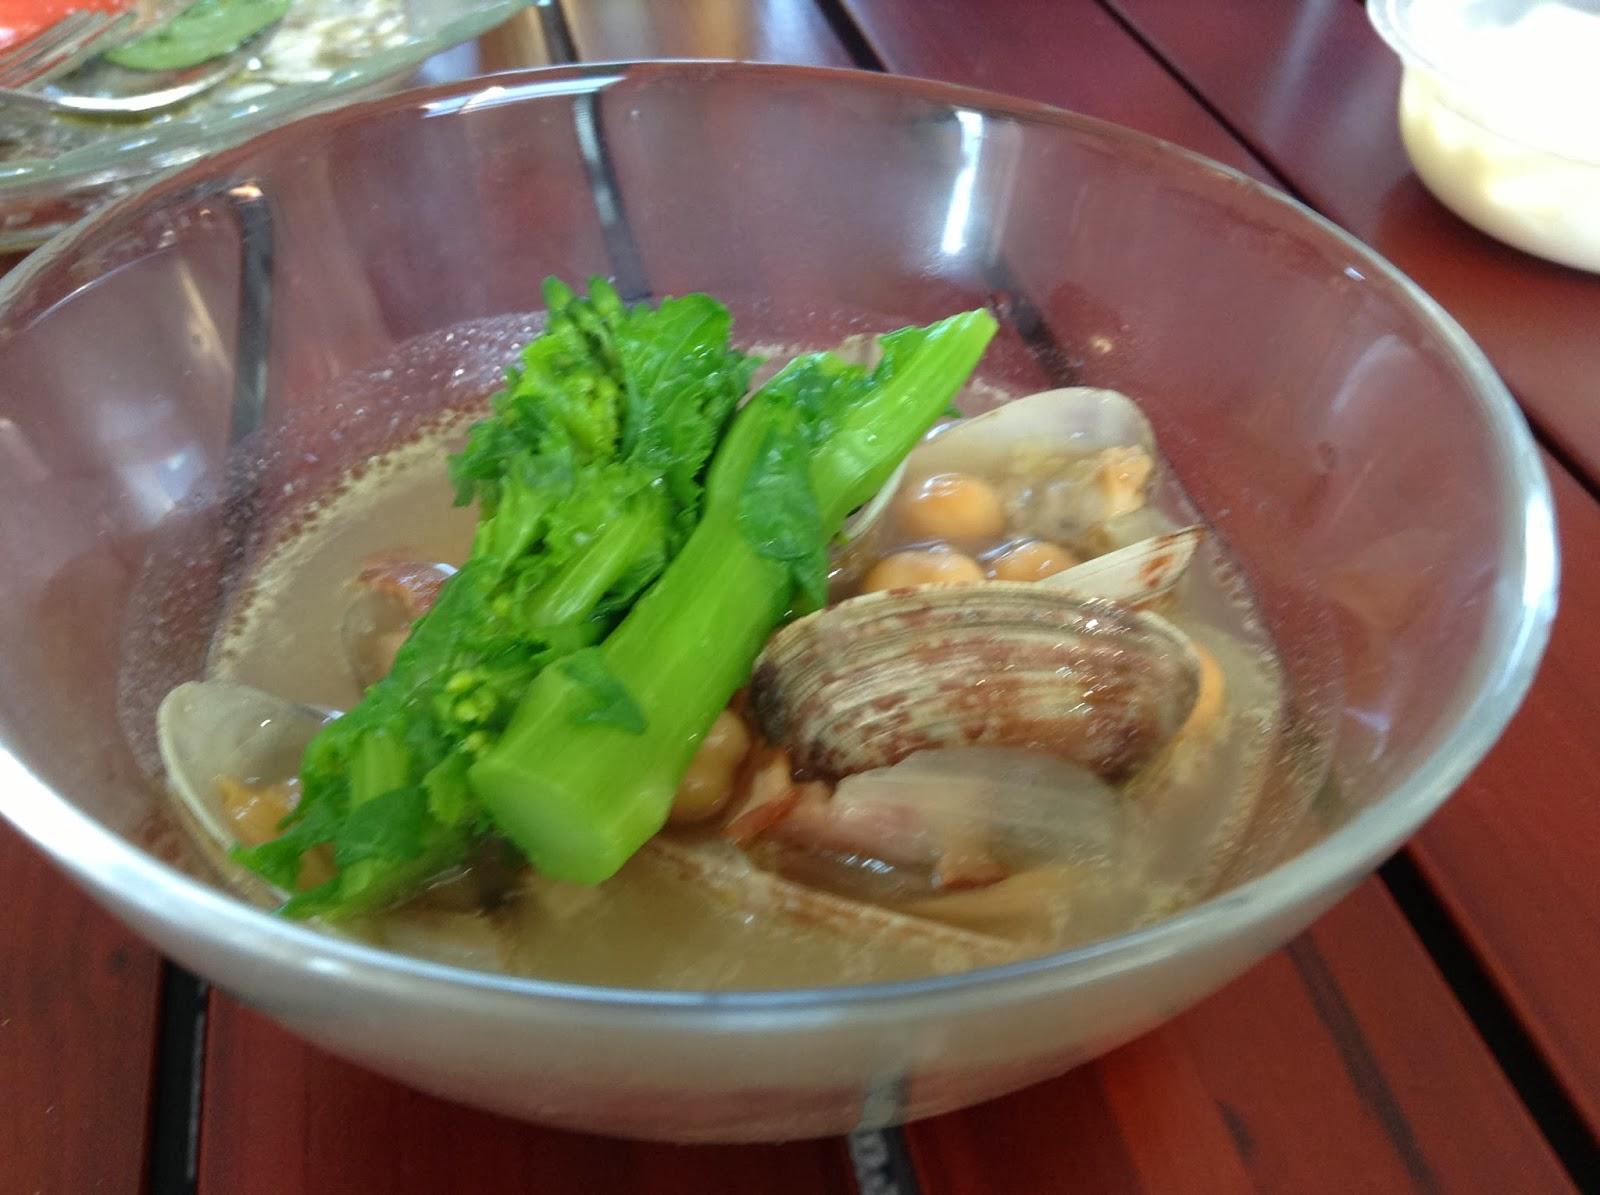 阿佐ヶ谷・高円寺(杉並区)に出張シェフ:スープ:アサリと菜の花、ひよこ豆のスープ